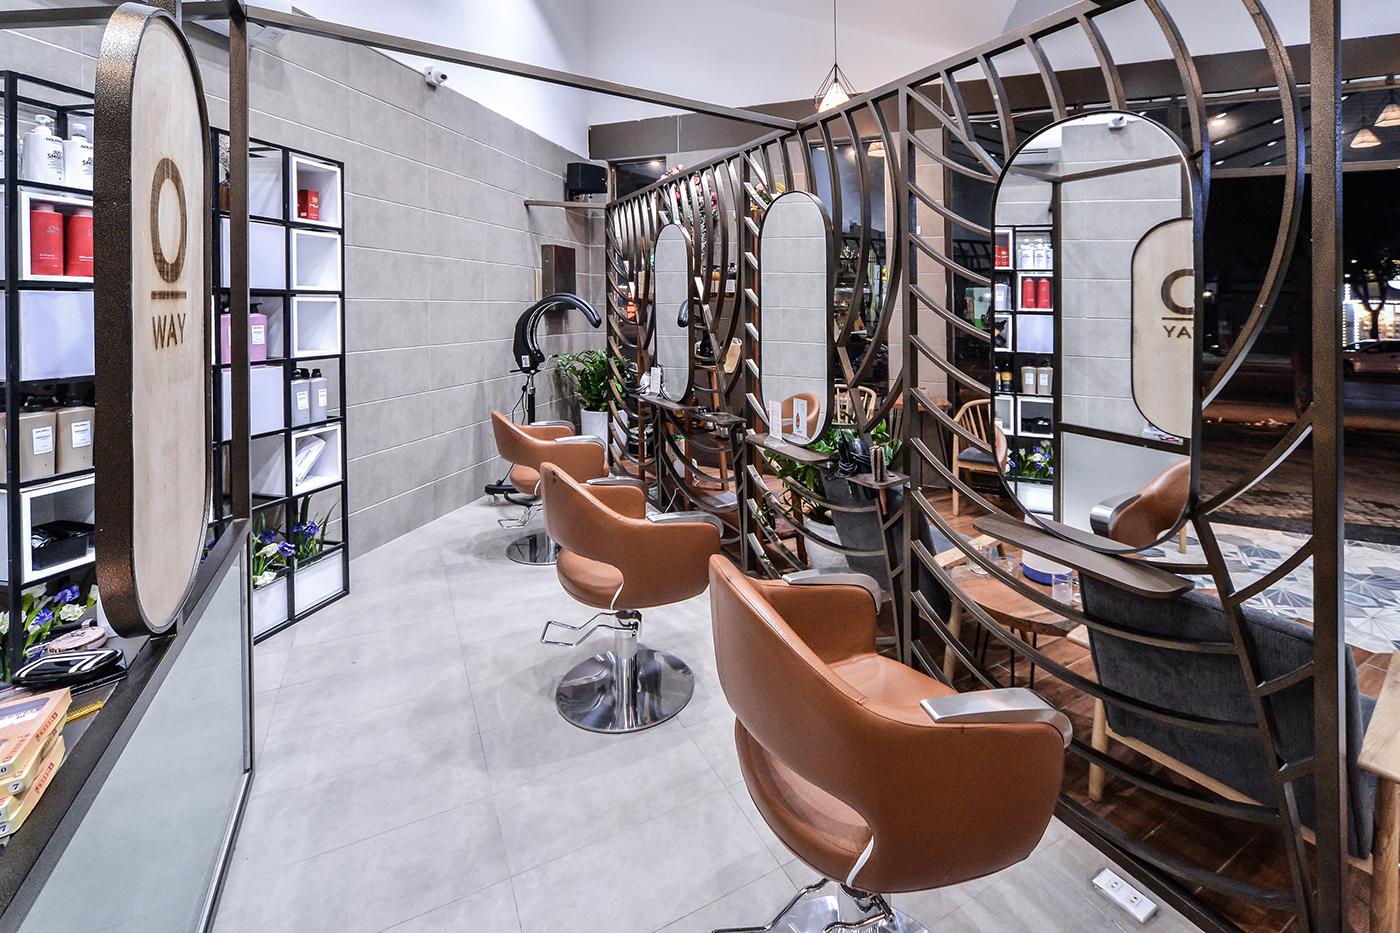 thiết kế nội thất Spa tại Nghệ An Thiết kế Tan's Hair Salon 5 1537501448